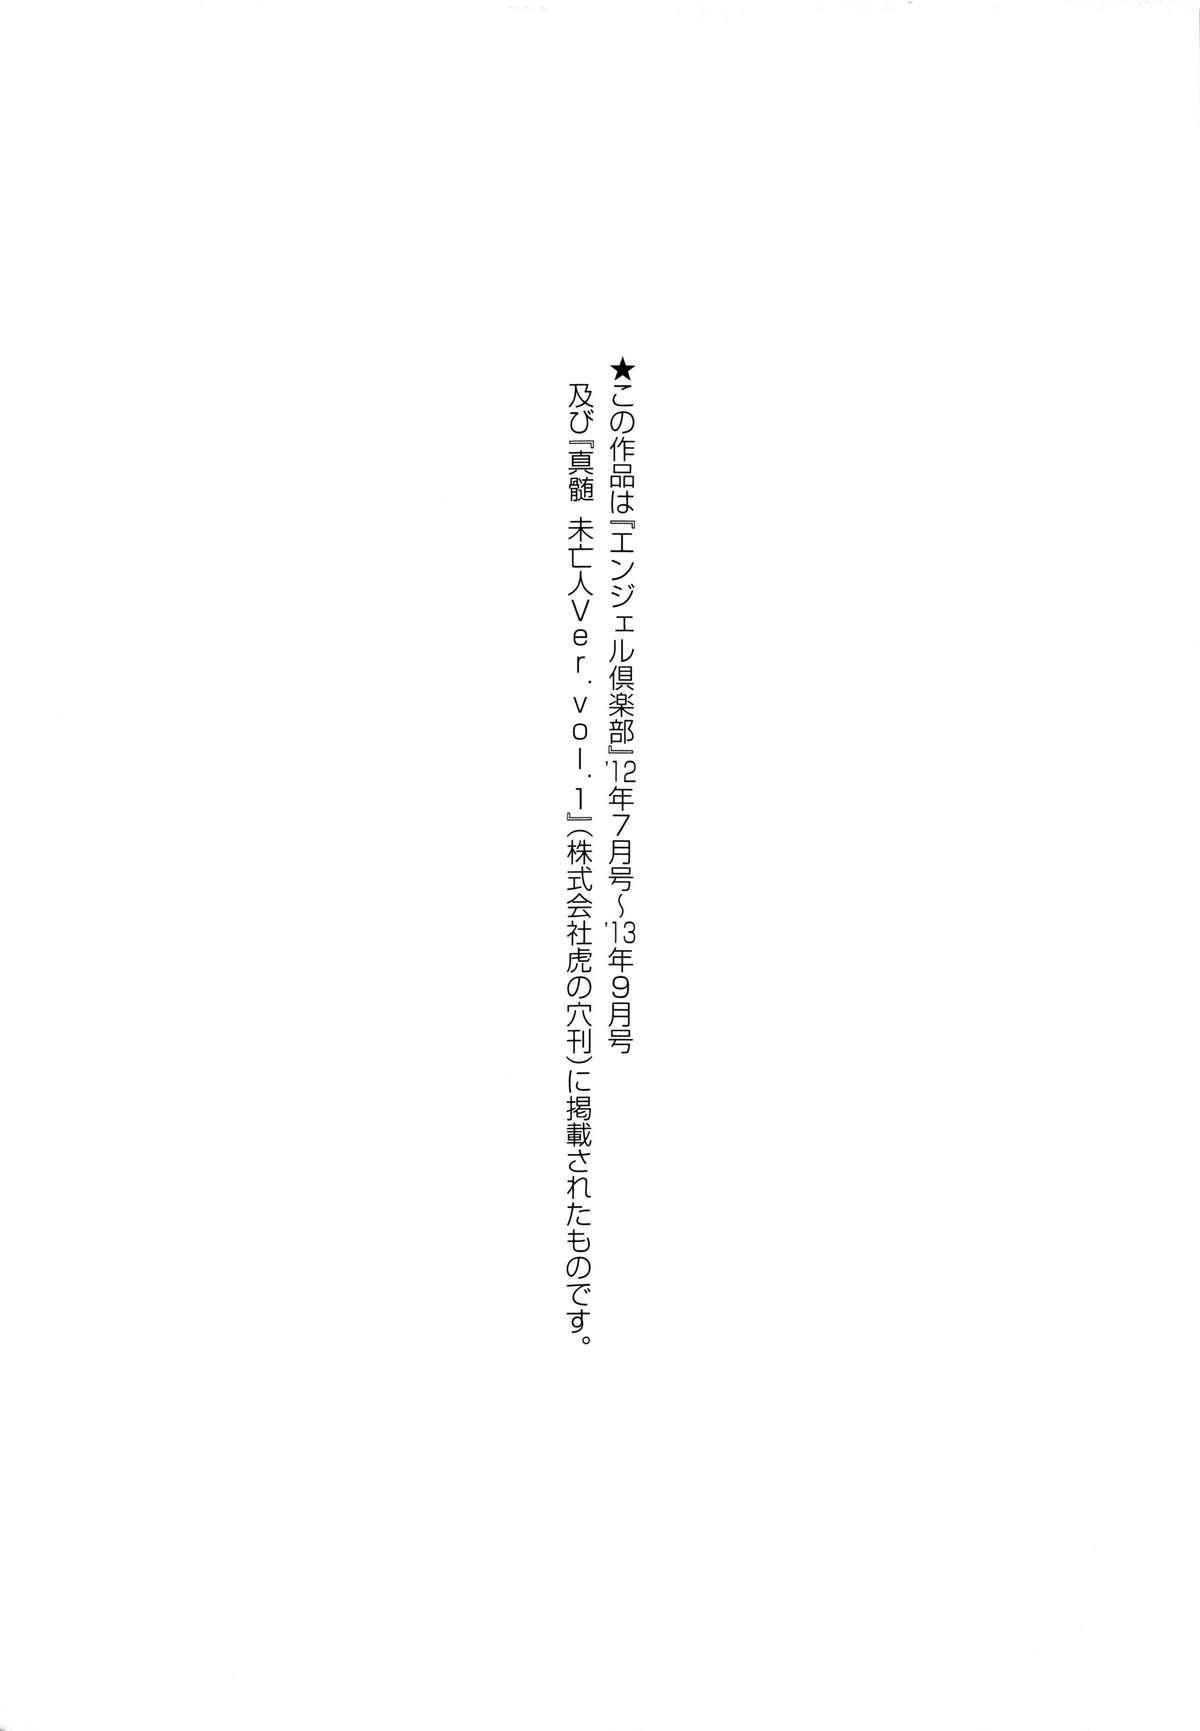 Inbaku no Wakazuma 191